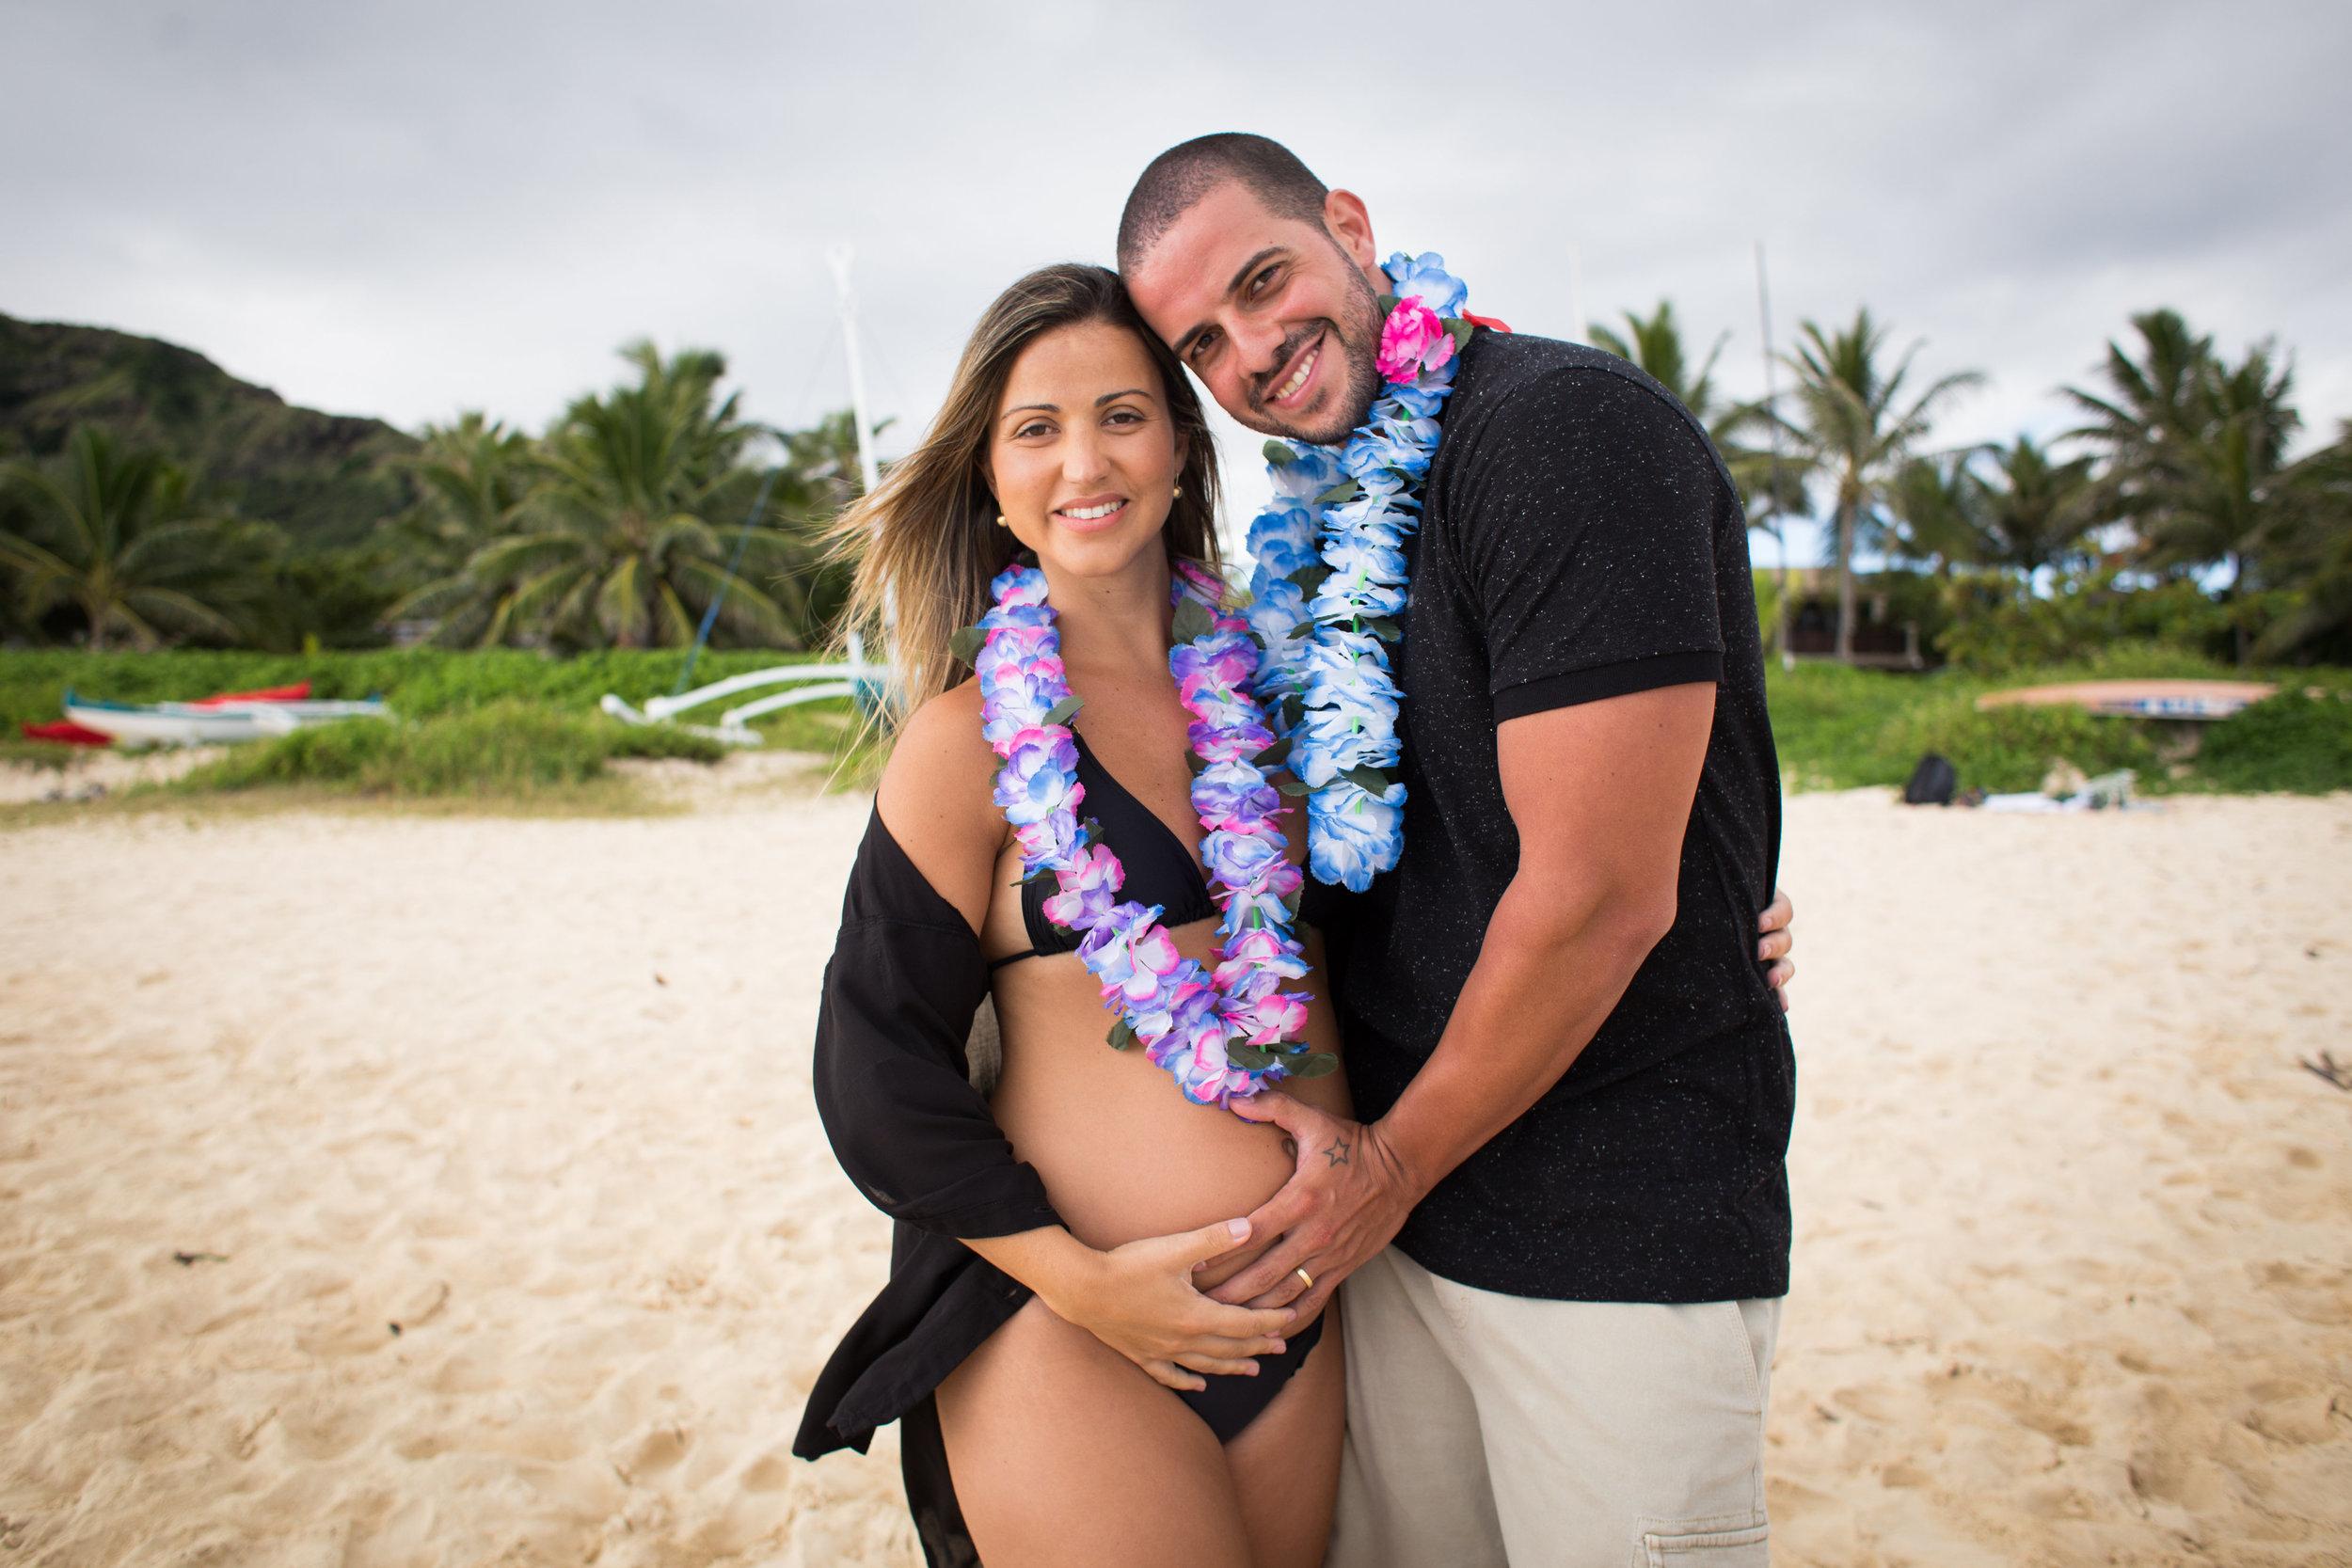 ensaio fotografico no havai ensaio em honolulu4.jpg